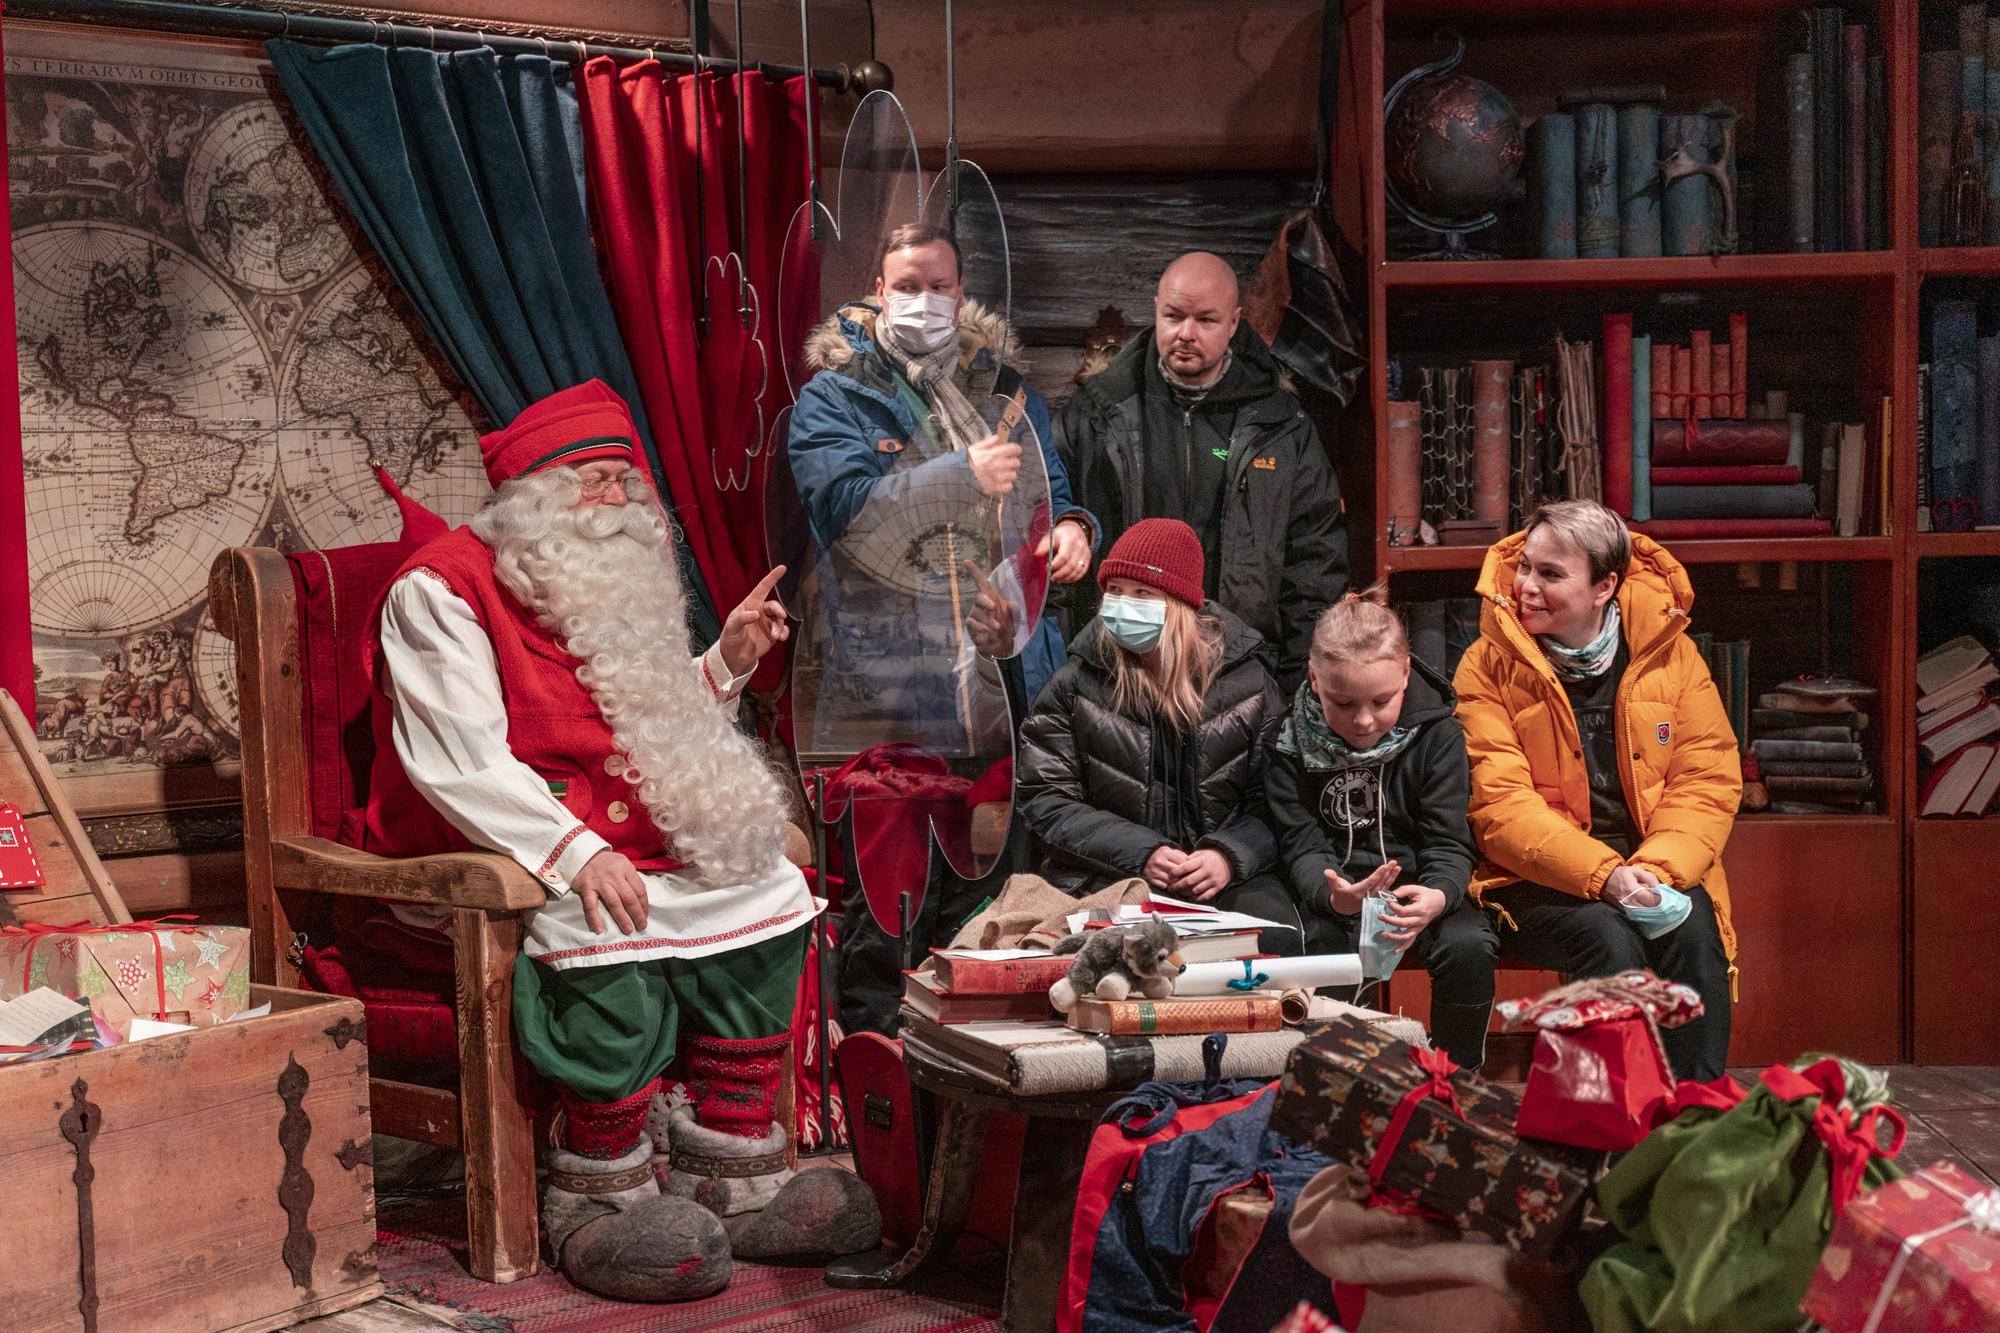 Derrière un écran de plexiglas, le Père Noël explique que 2020 restera pour lui et ses rennes une année noire., BELGAIMAGE